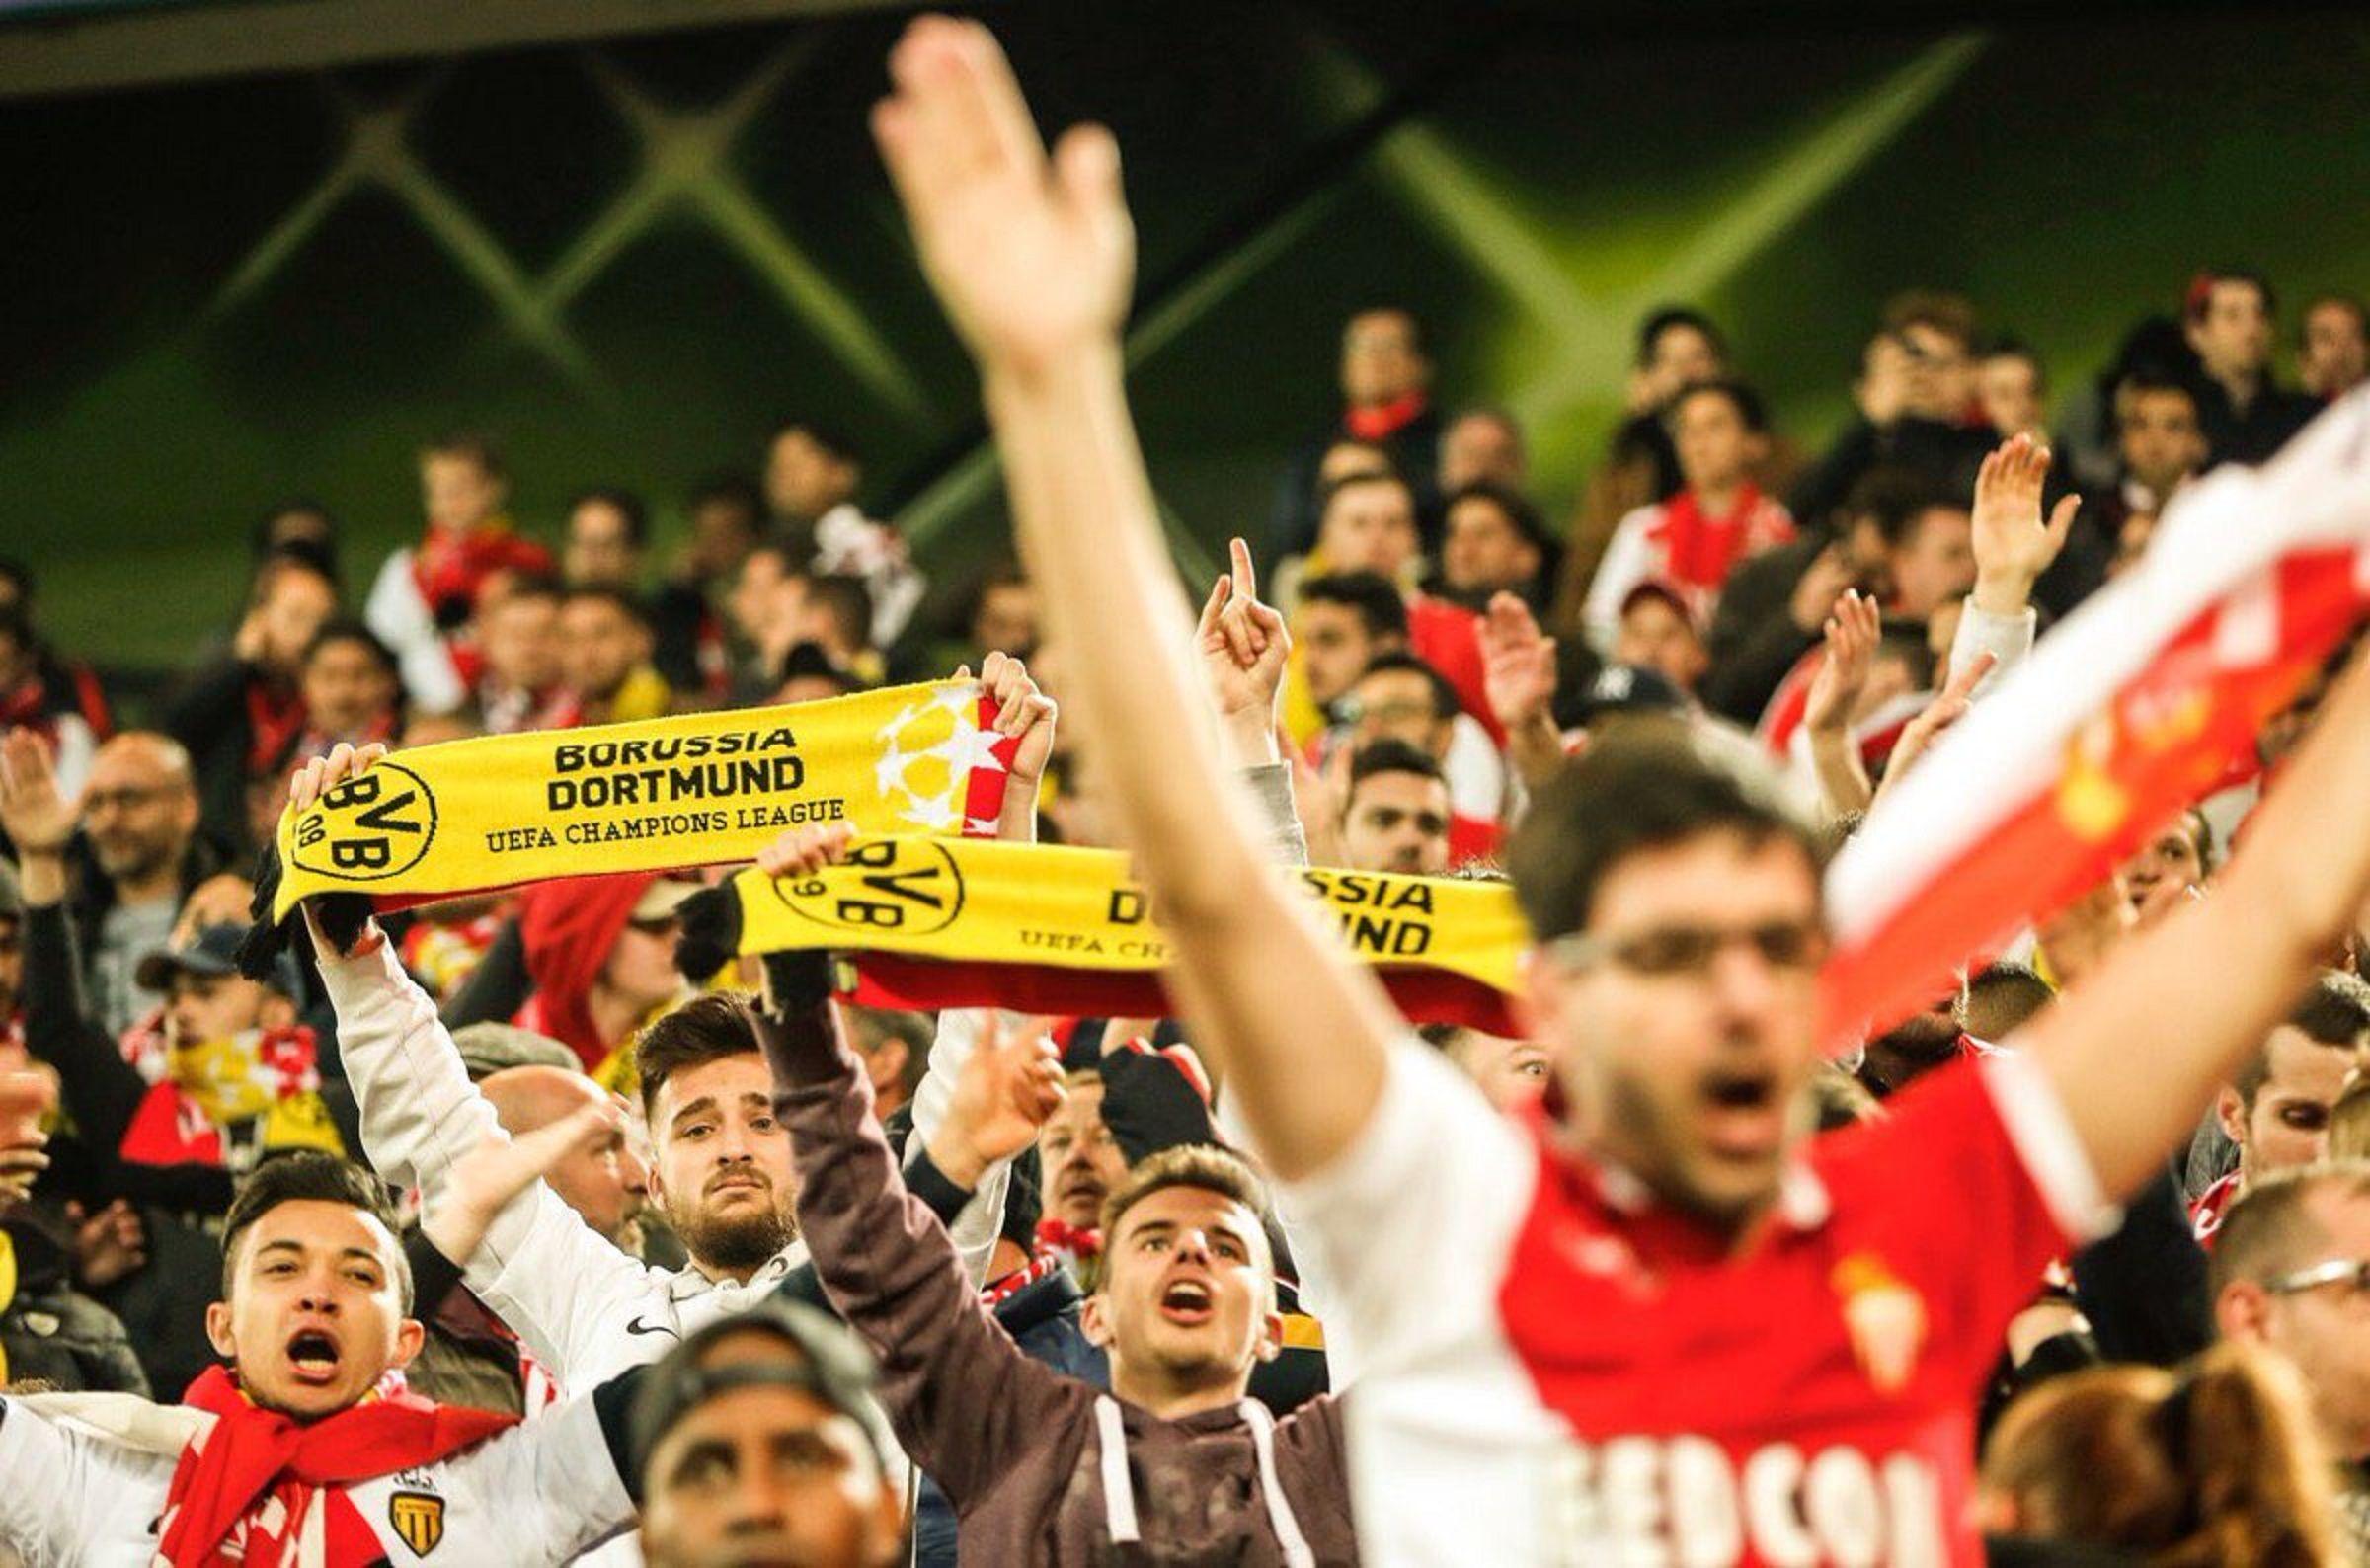 Hinchas de Mónaco alentaron a los del Dortmund tras atentado